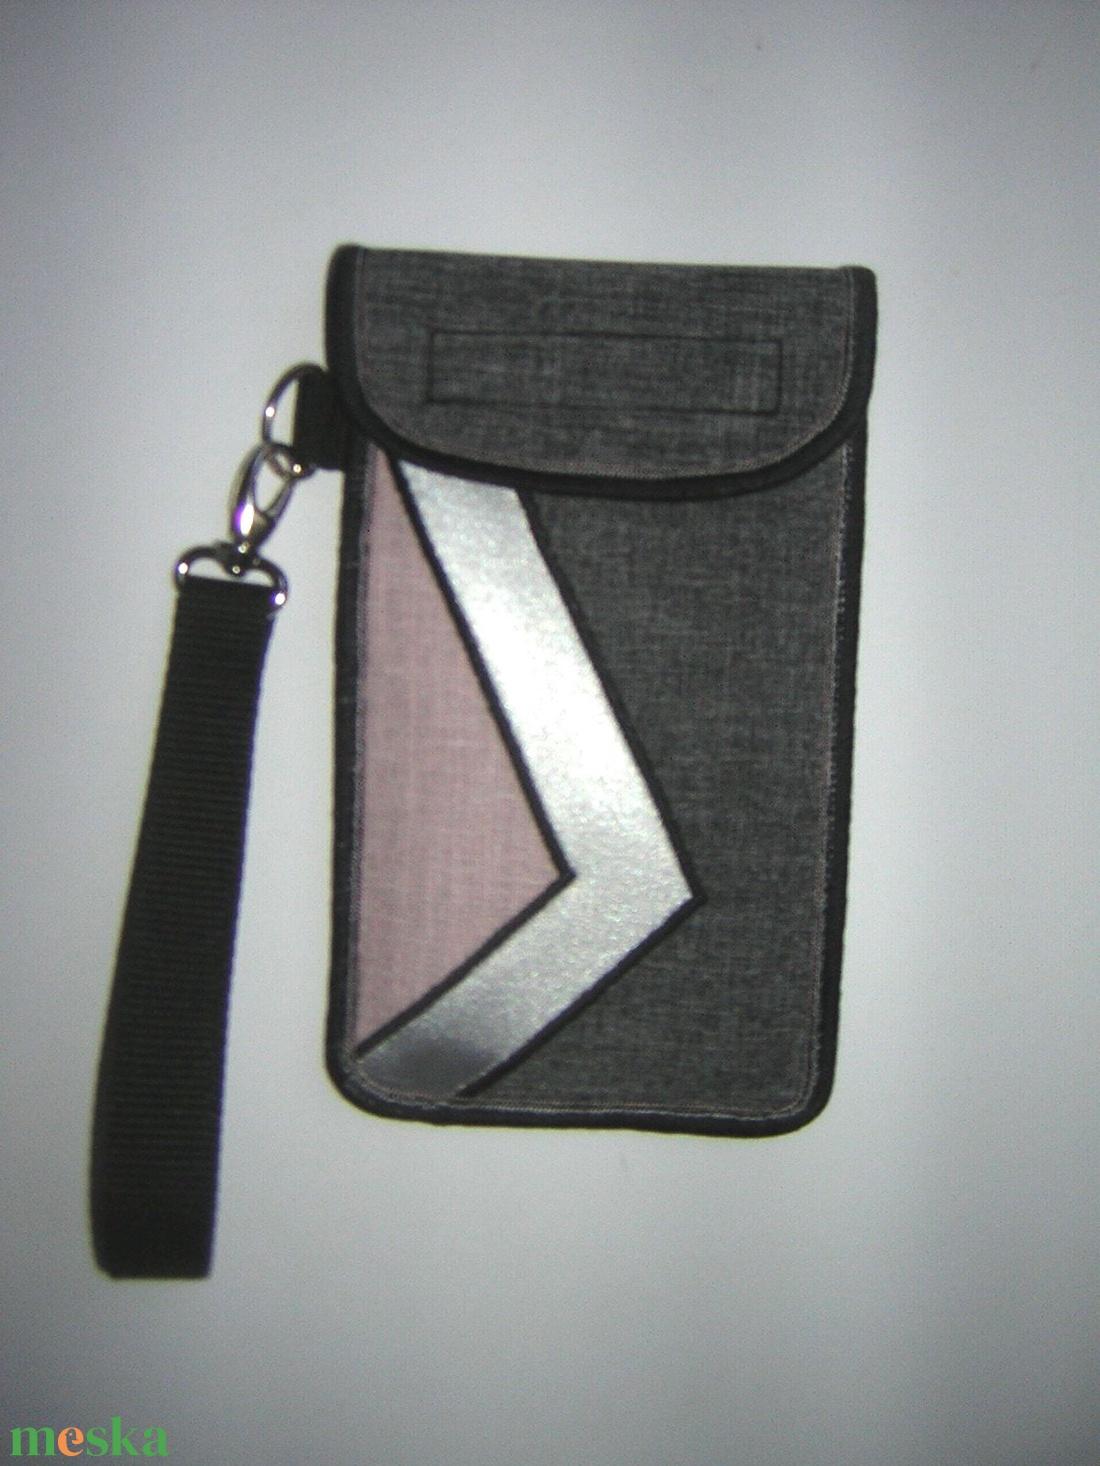 Mobiltok kis csuklótáska plus-os méretű okostelefonhoz XL-es telefon tartó tok púder-ezüstszürke-szürke - táska & tok - kézitáska & válltáska - csuklótáska - Meska.hu